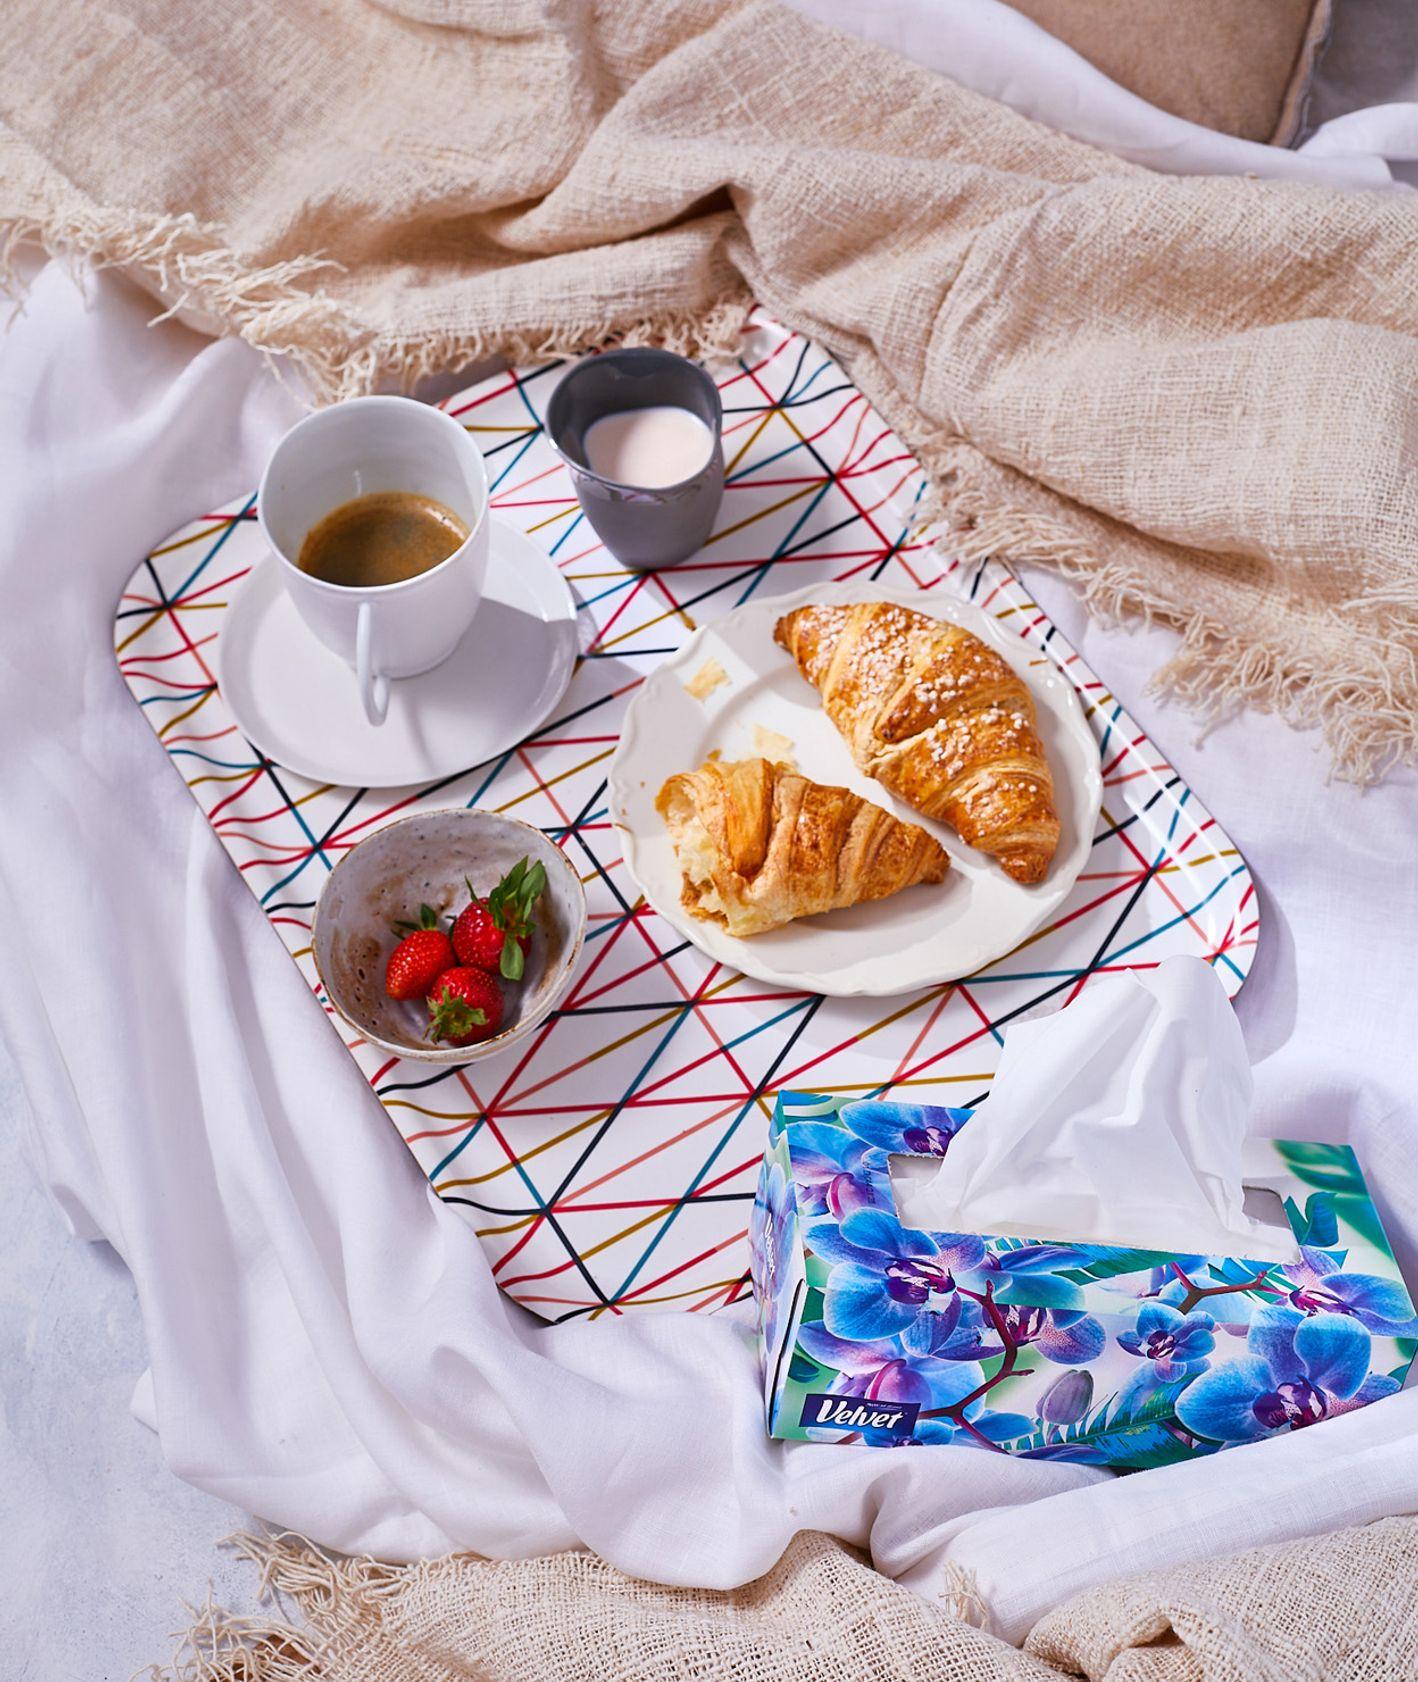 Croissant, kawa, truskawki, idealne śniadanie do łóżka (fot. Maciek Niemojewski)